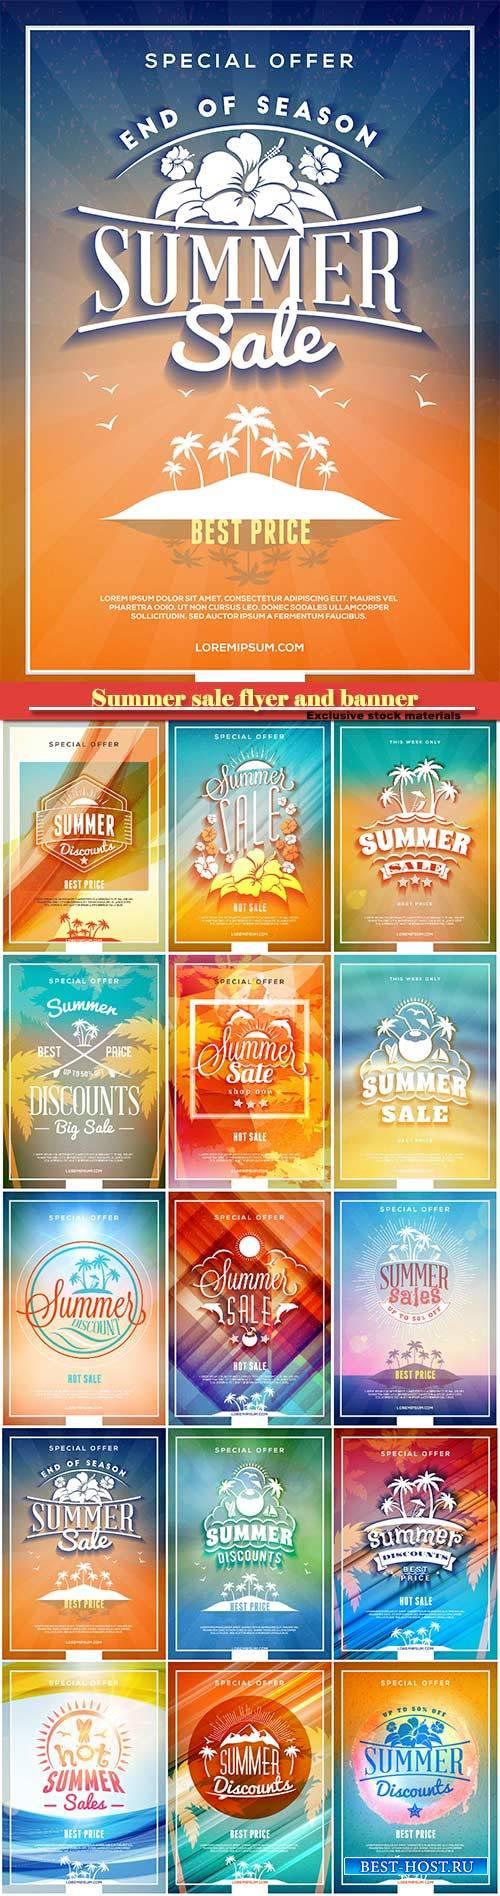 Summer sale flyer or banner vector design template